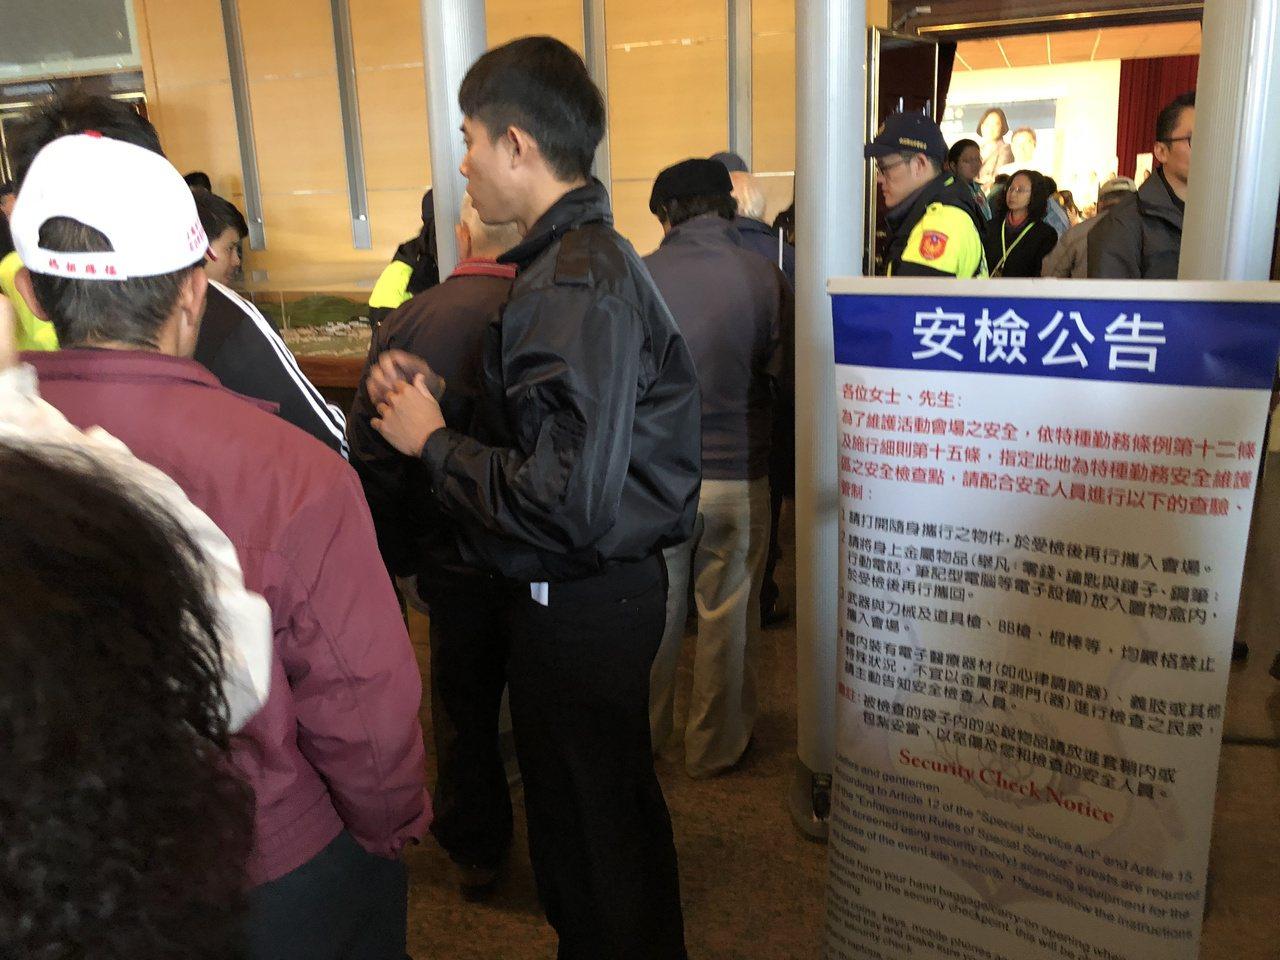 維安人員為了確保安全,進入造勢會場的支持者只要攜帶包包等,都要通過安檢門才能進入...